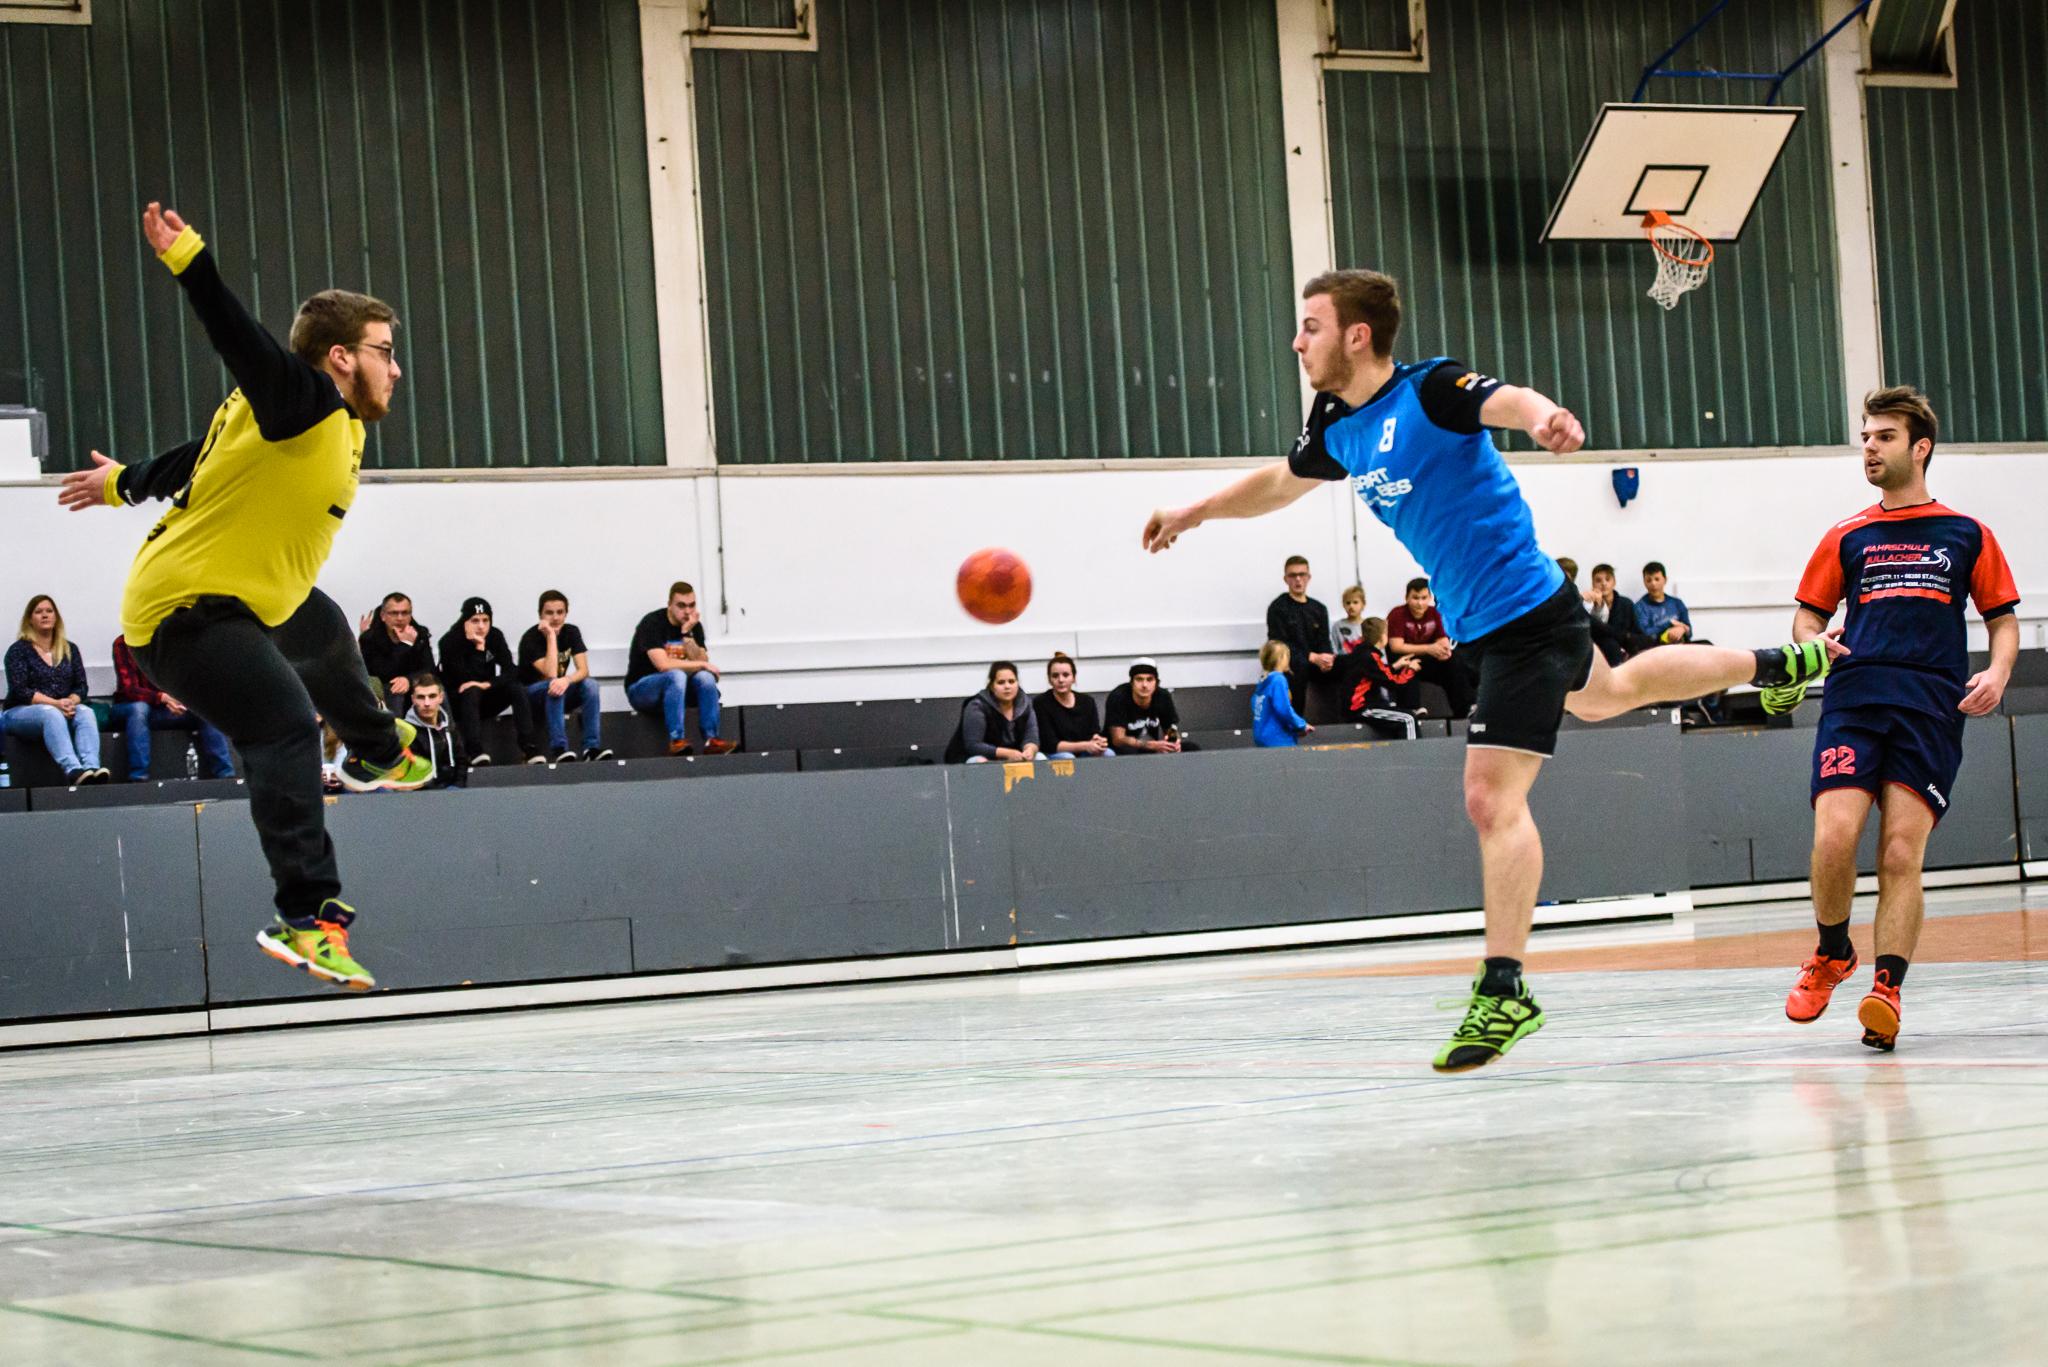 handball_herren_121117SH7_8894